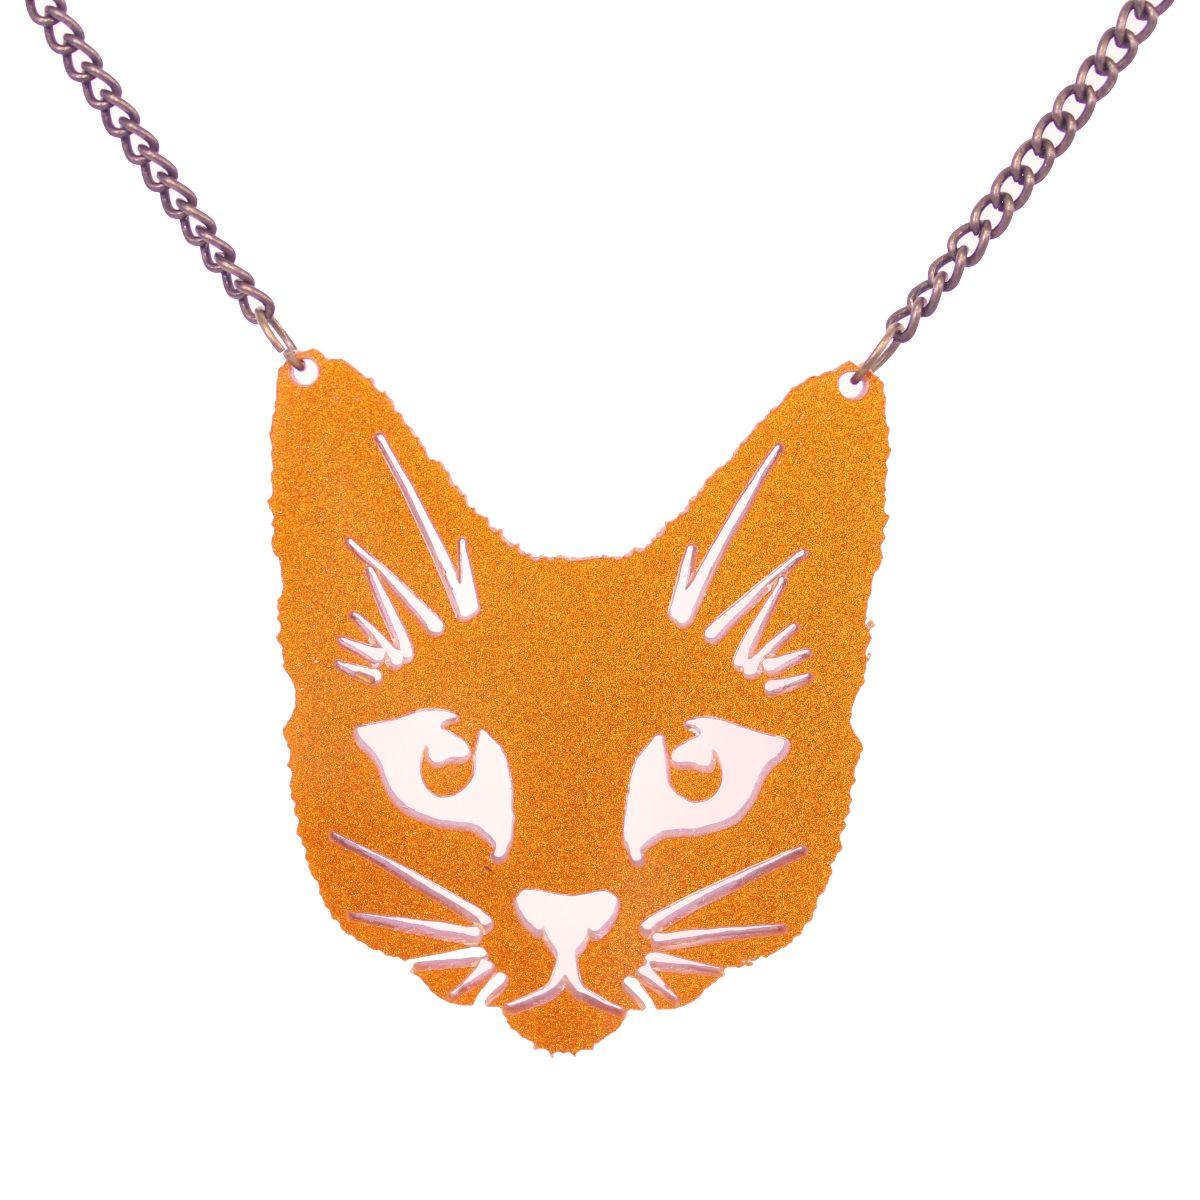 Orange Glitter Cat Necklace - Extreme Largeness Wholesale